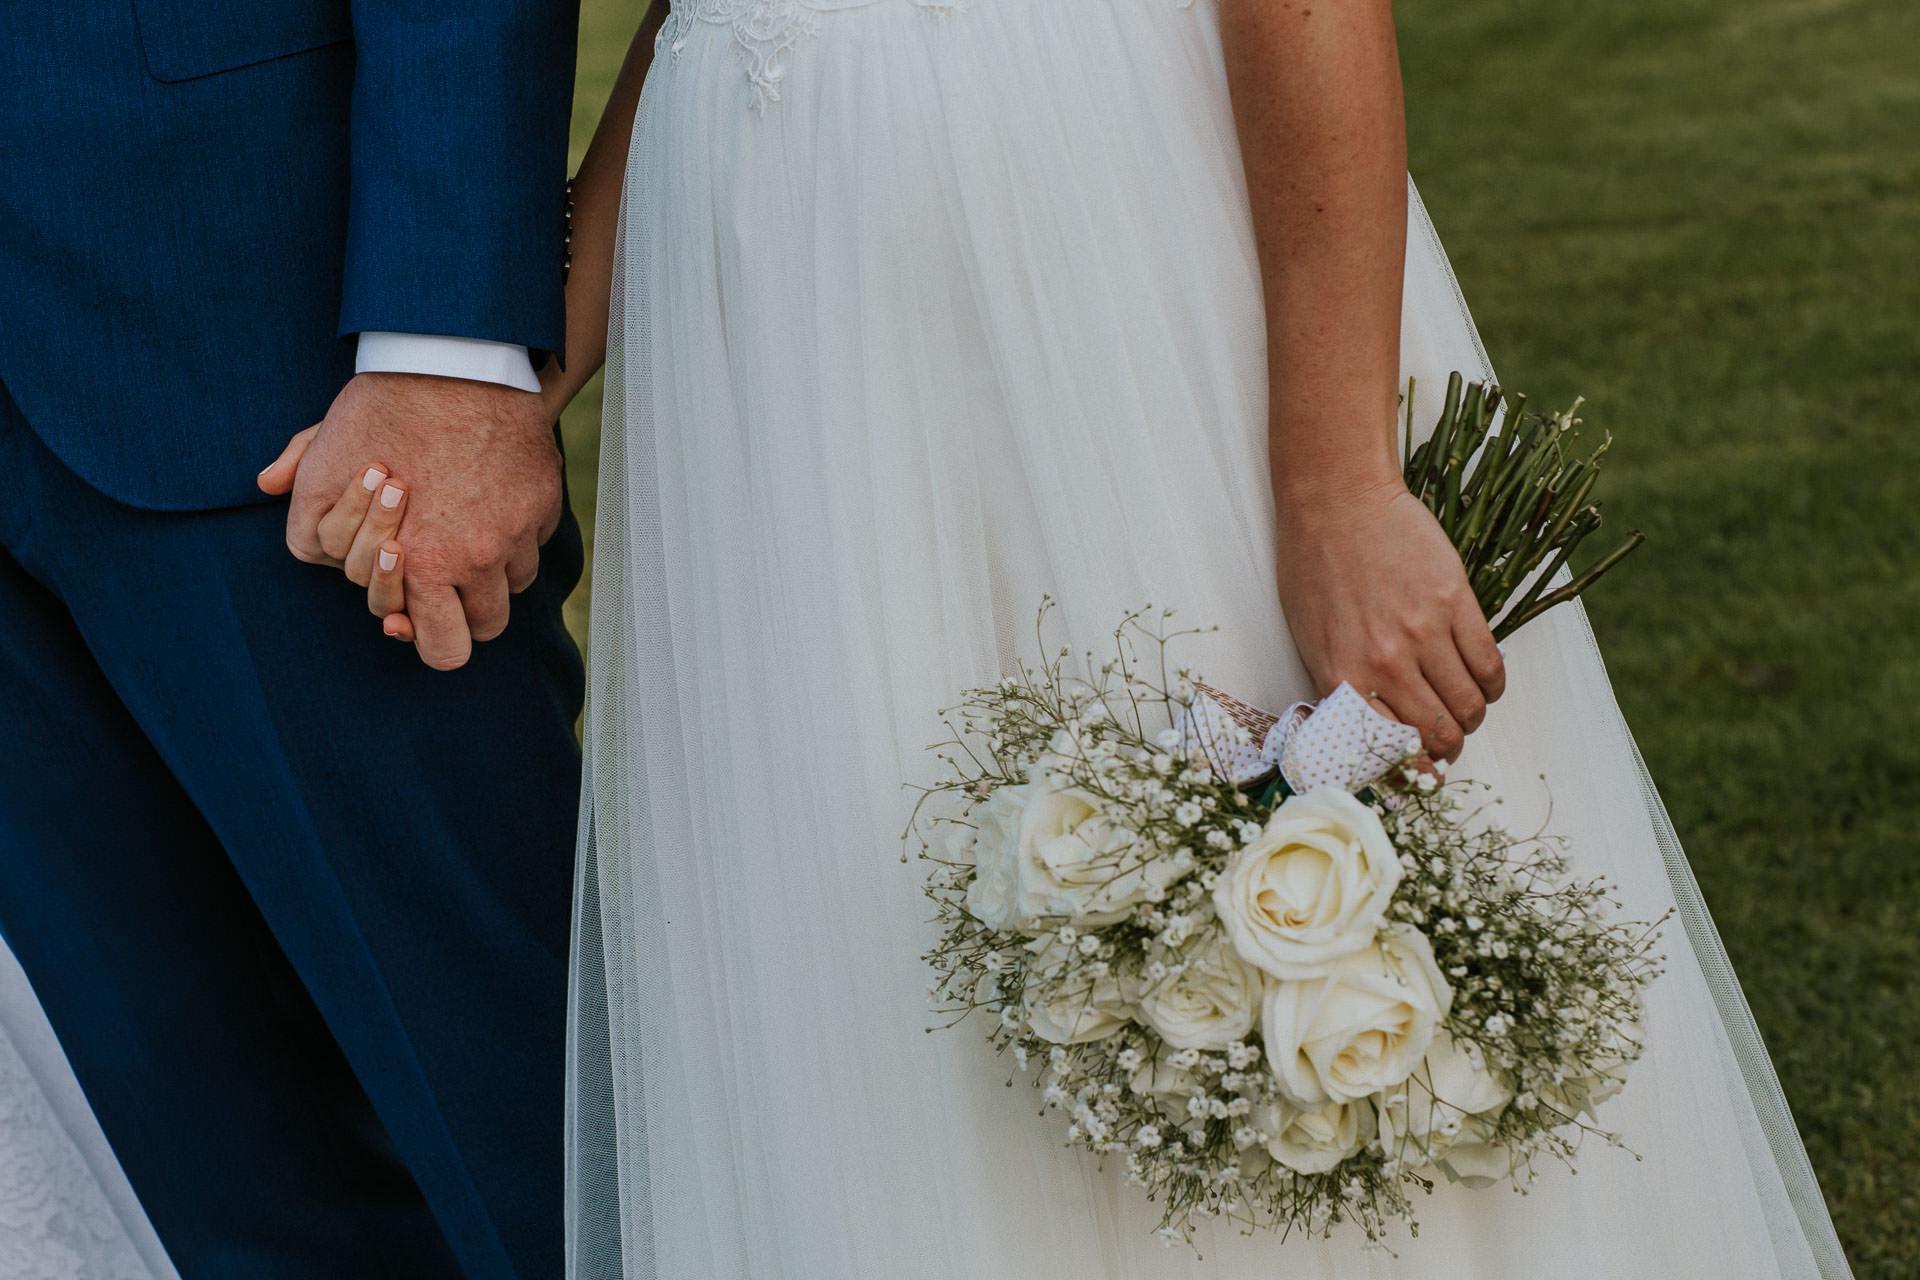 Ramo de novia -Boda en Estancia La Linda, fotógrafo de bodas - Norman Parunov